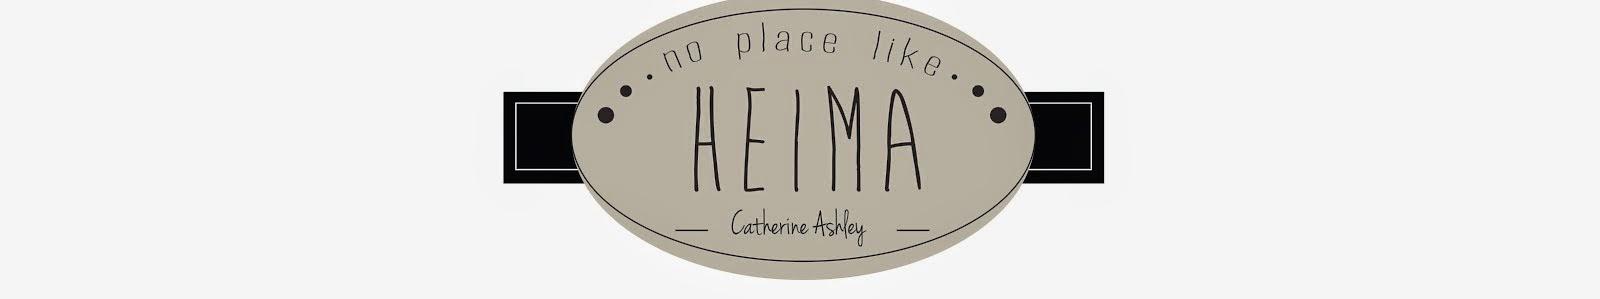 No Place Like HEIMA